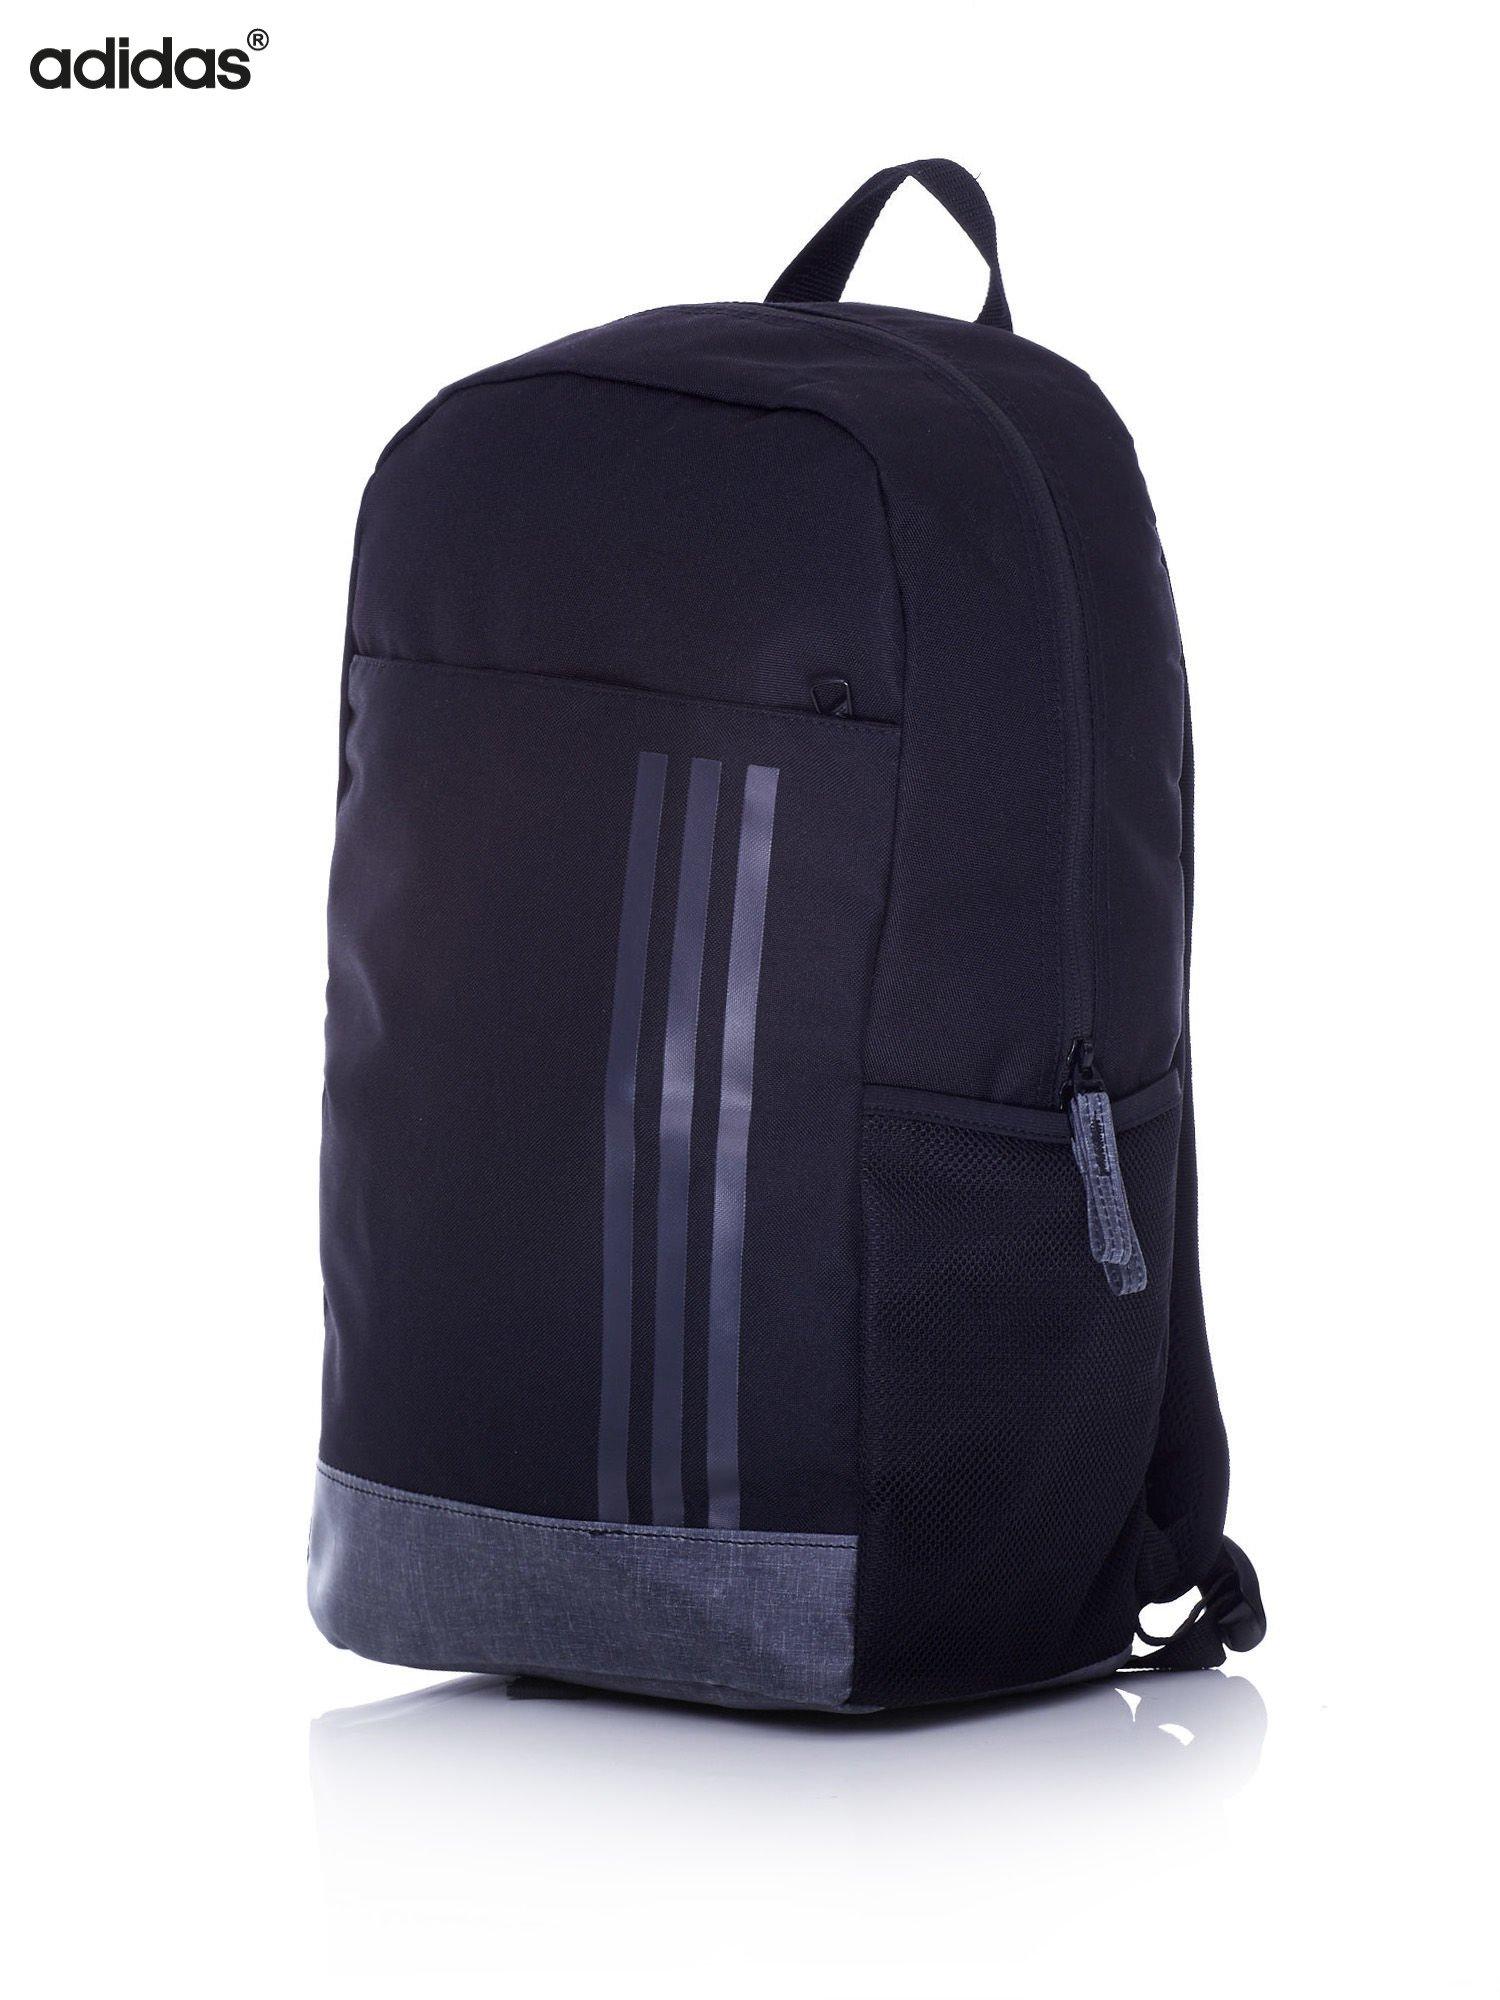 0268c50c8f6f7 ADIDAS Czarny plecak szkolny z bocznymi kieszonkami - Dziecko Plecaki -  sklep eButik.pl